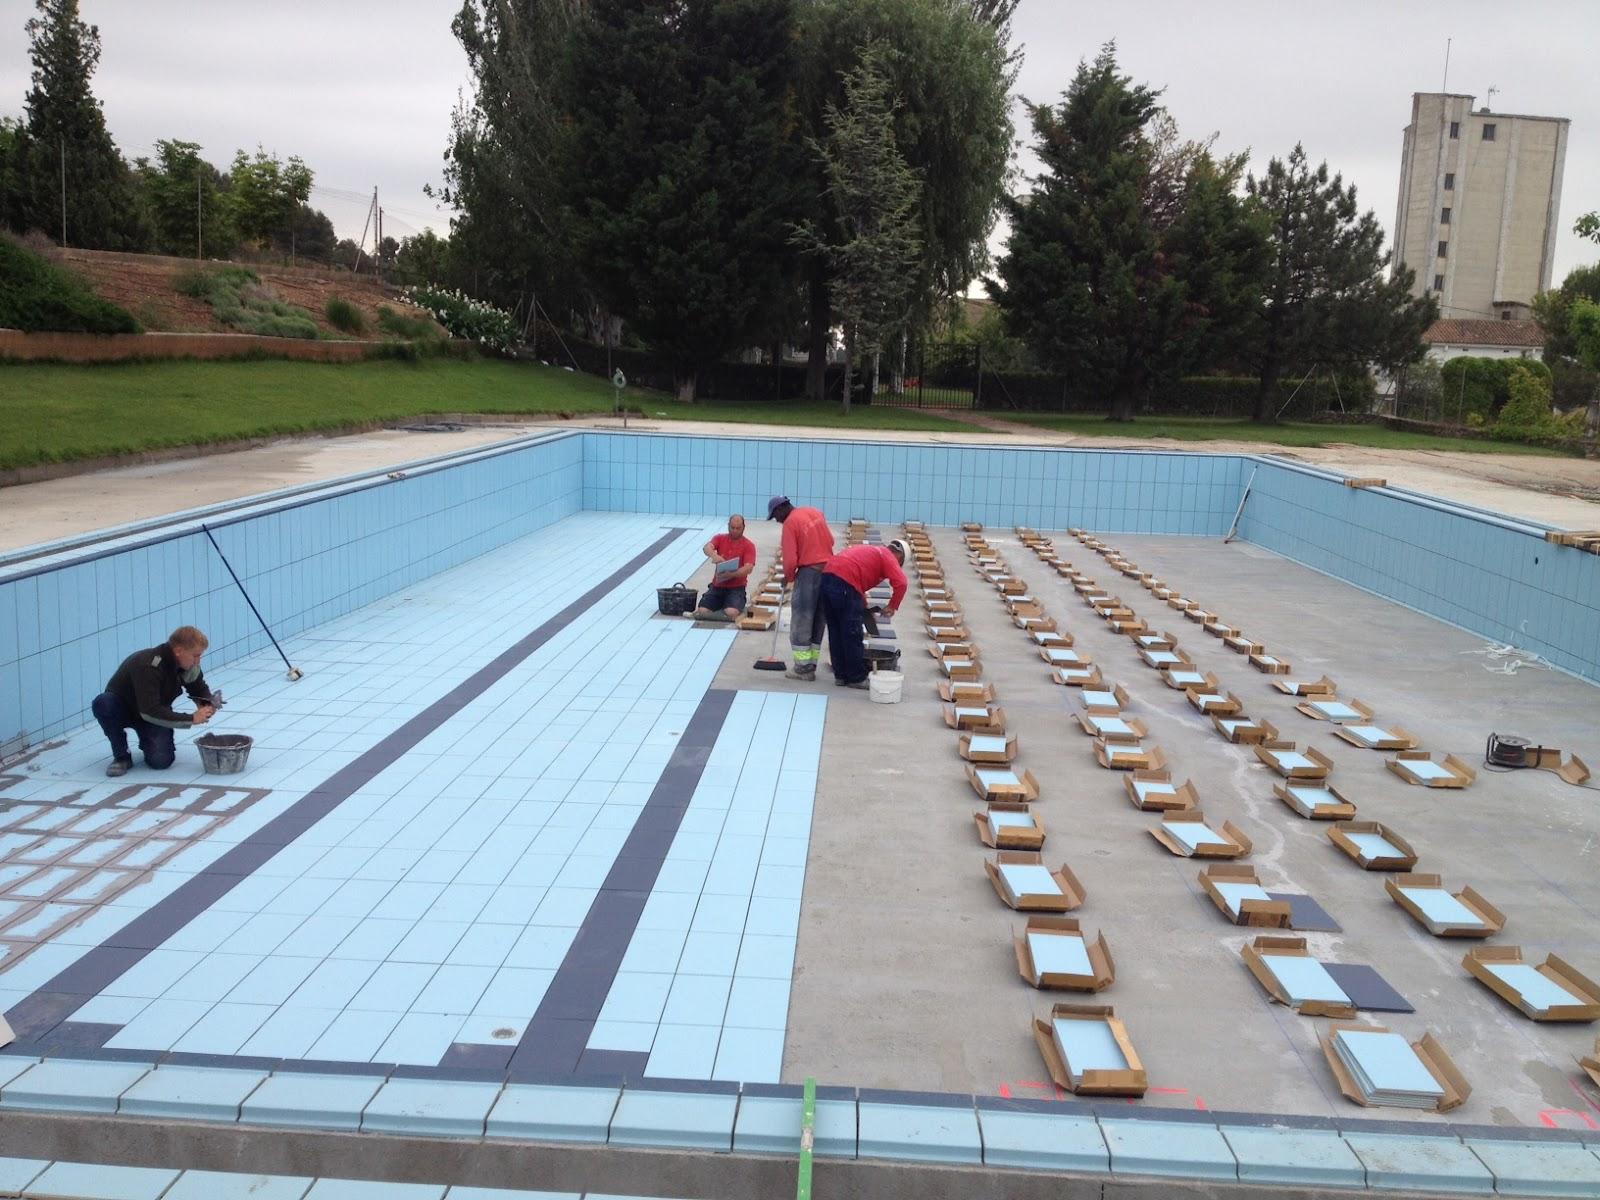 Rosa gres el nuevo formato 24 4 x 49 4 para vaso de piscina for Vaso piscina